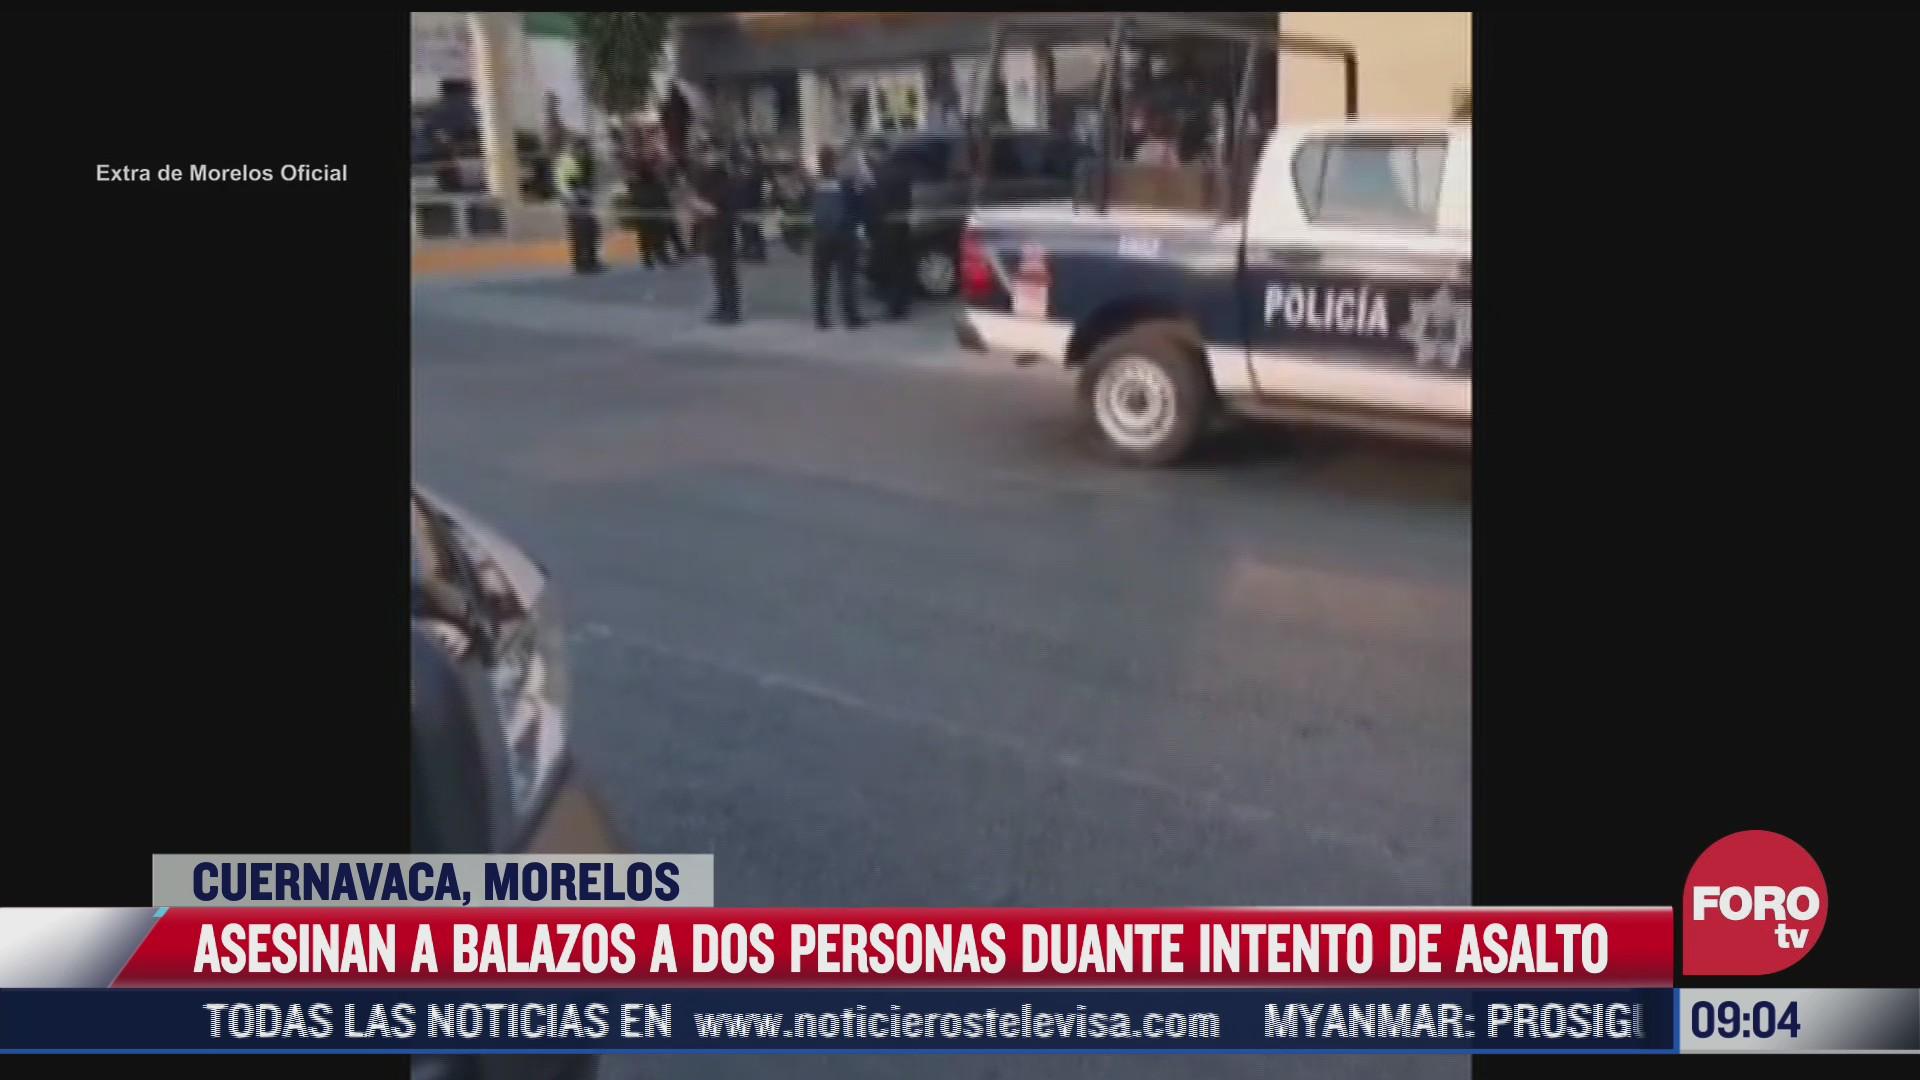 asesinan a dos personas durante intento de asalto en cuernavaca